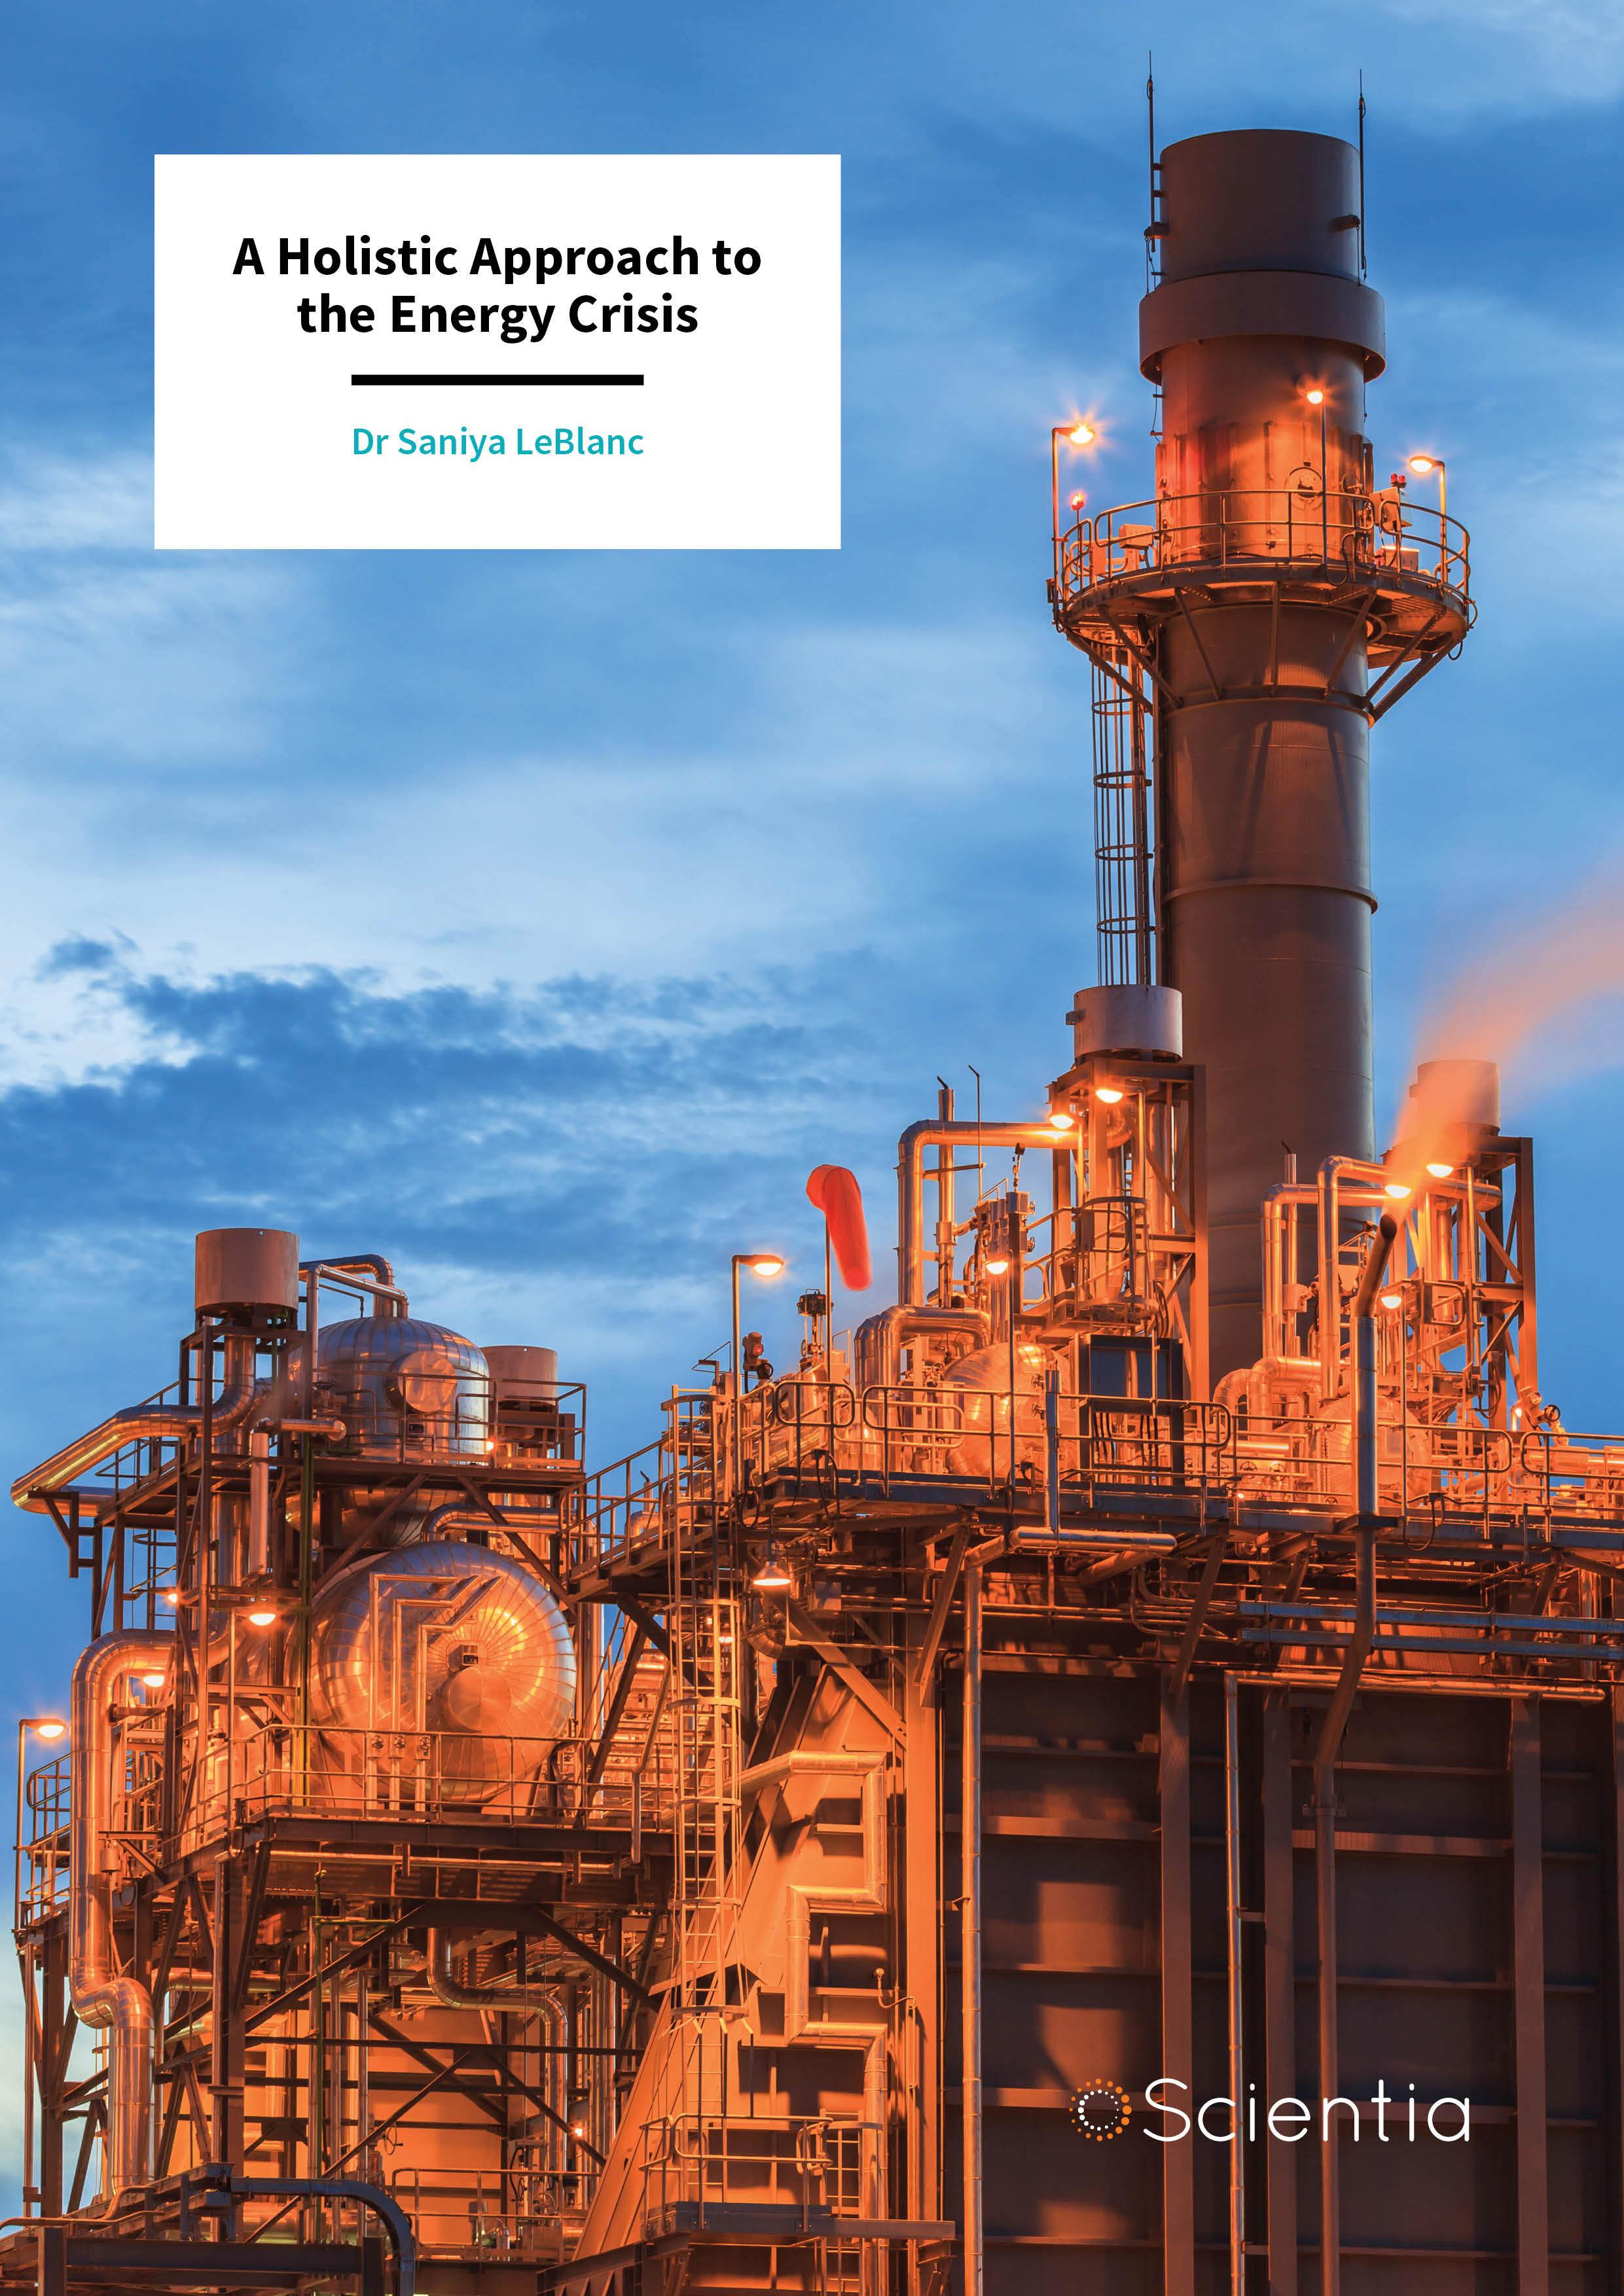 Dr Saniya LeBlanc – A Holistic Approach to the Energy Crisis